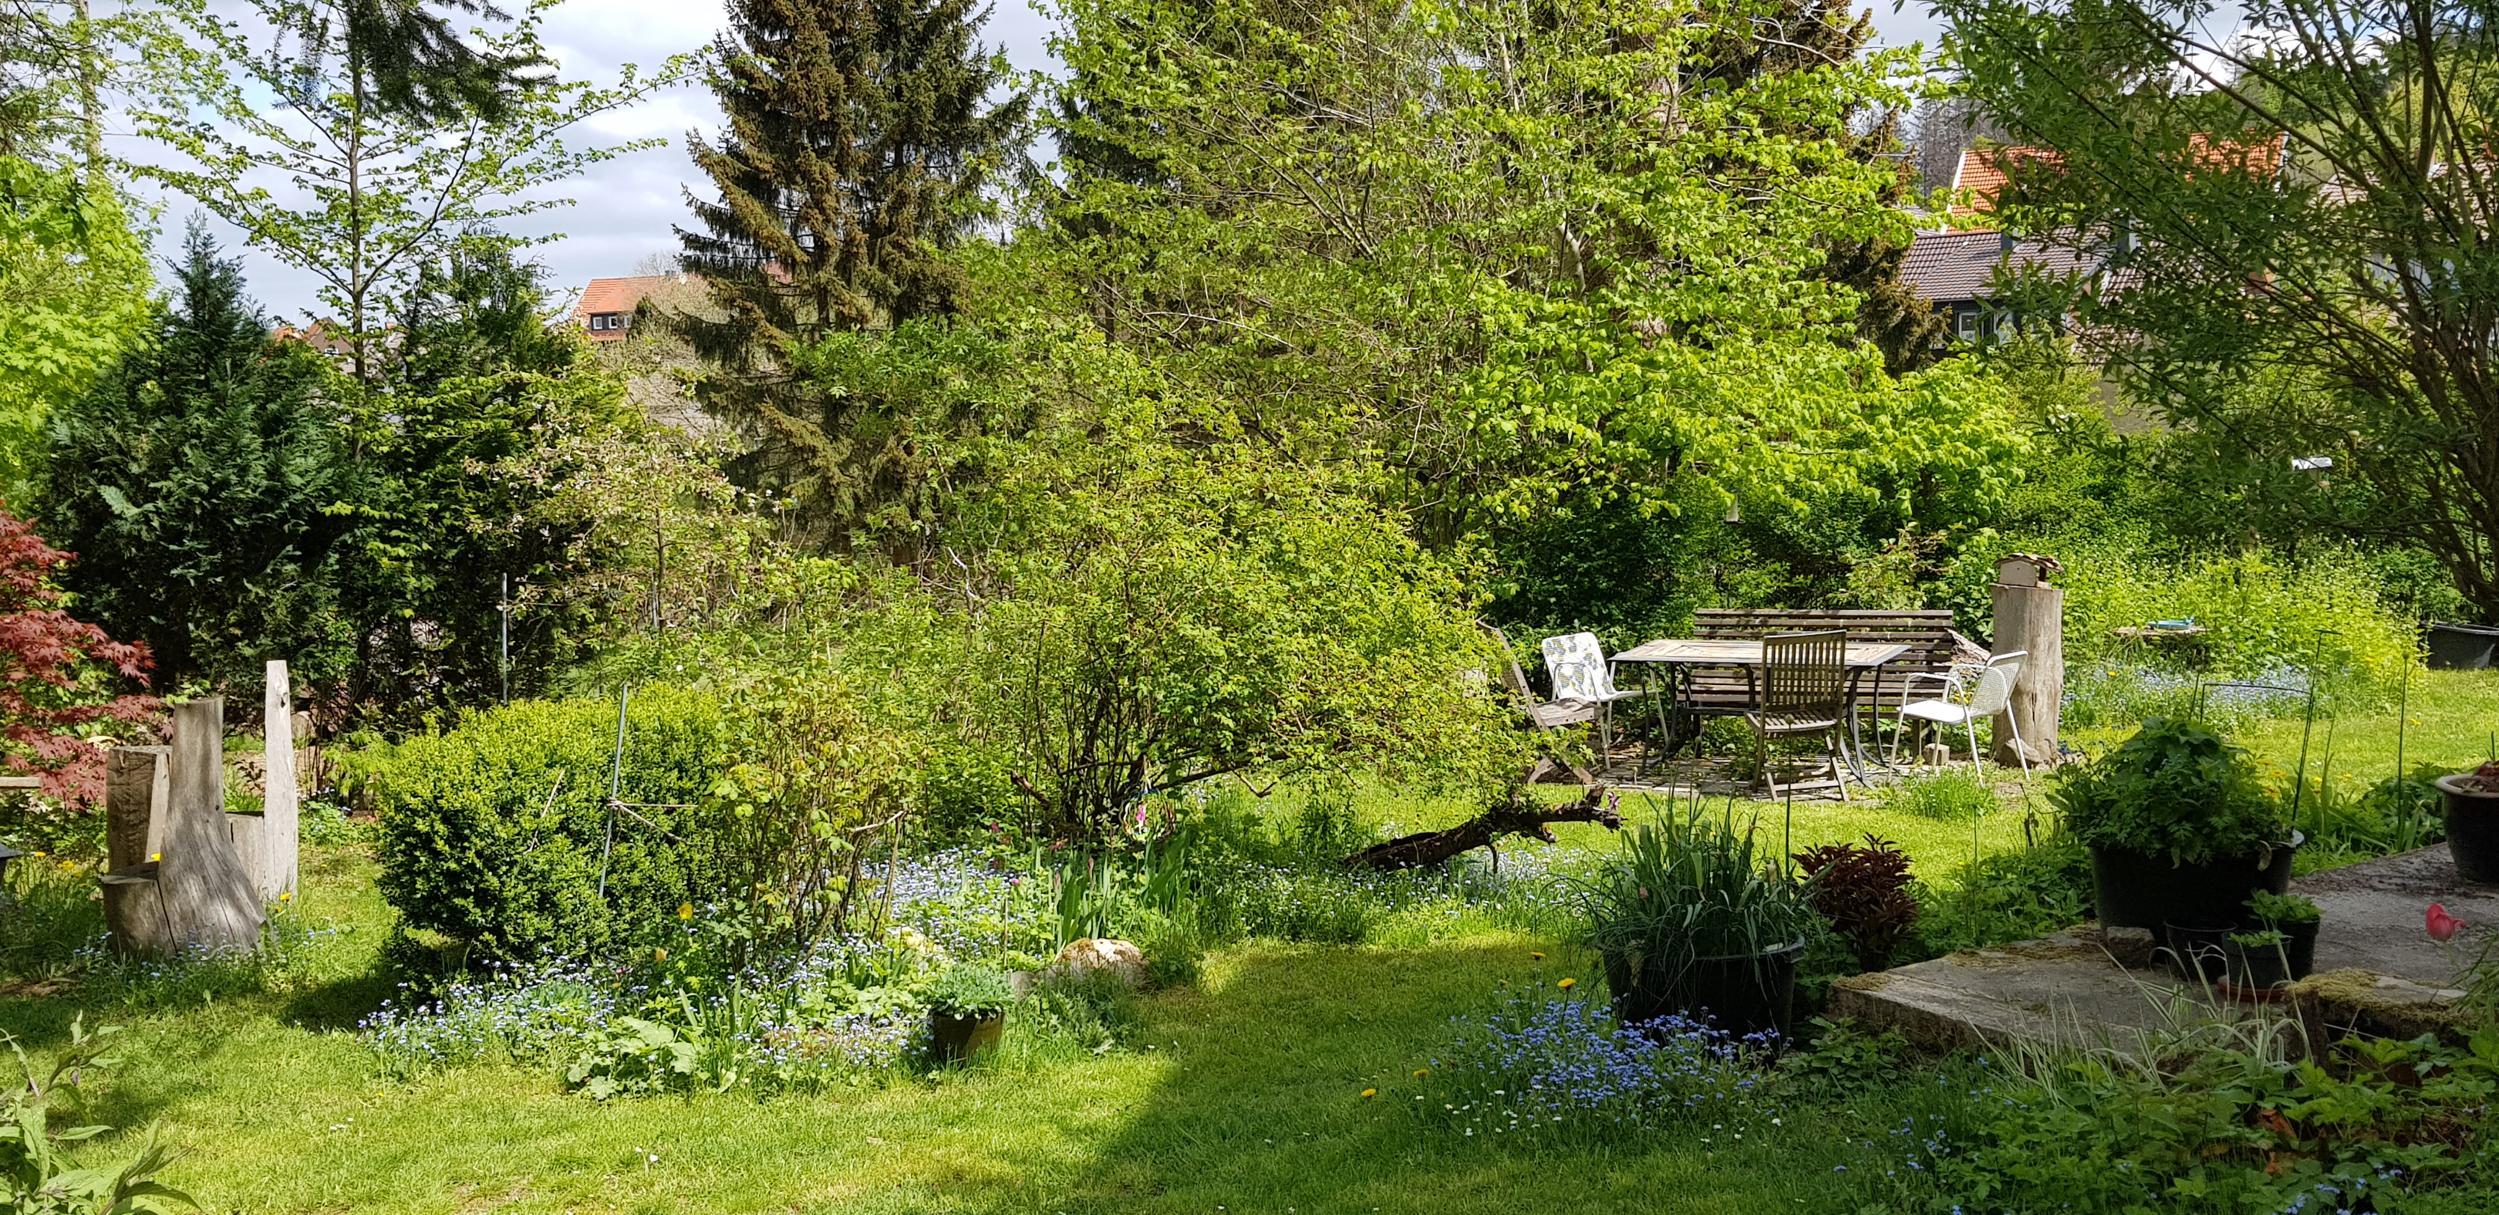 Ferienwohnungen Trollblume und Schlüsselblume in Hohegeiß - Garten